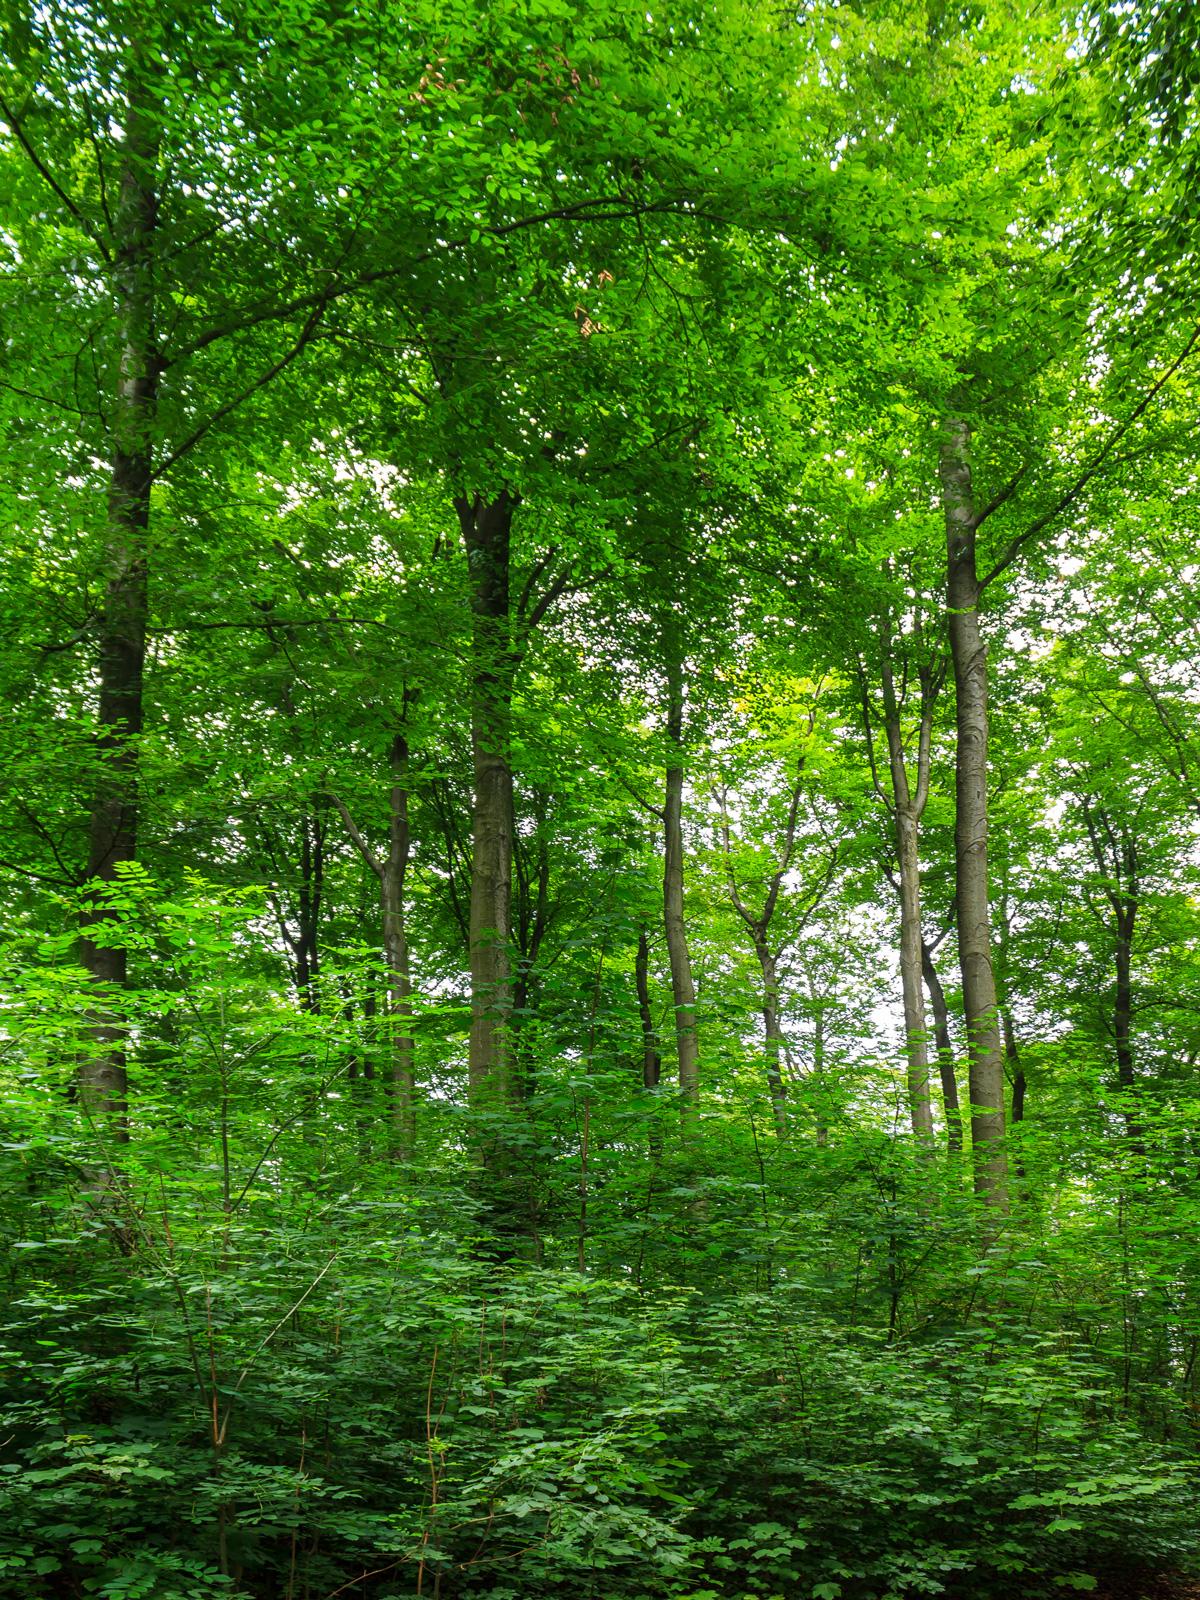 zweischichtiger Alterklassenwald ohne Jungbuchen